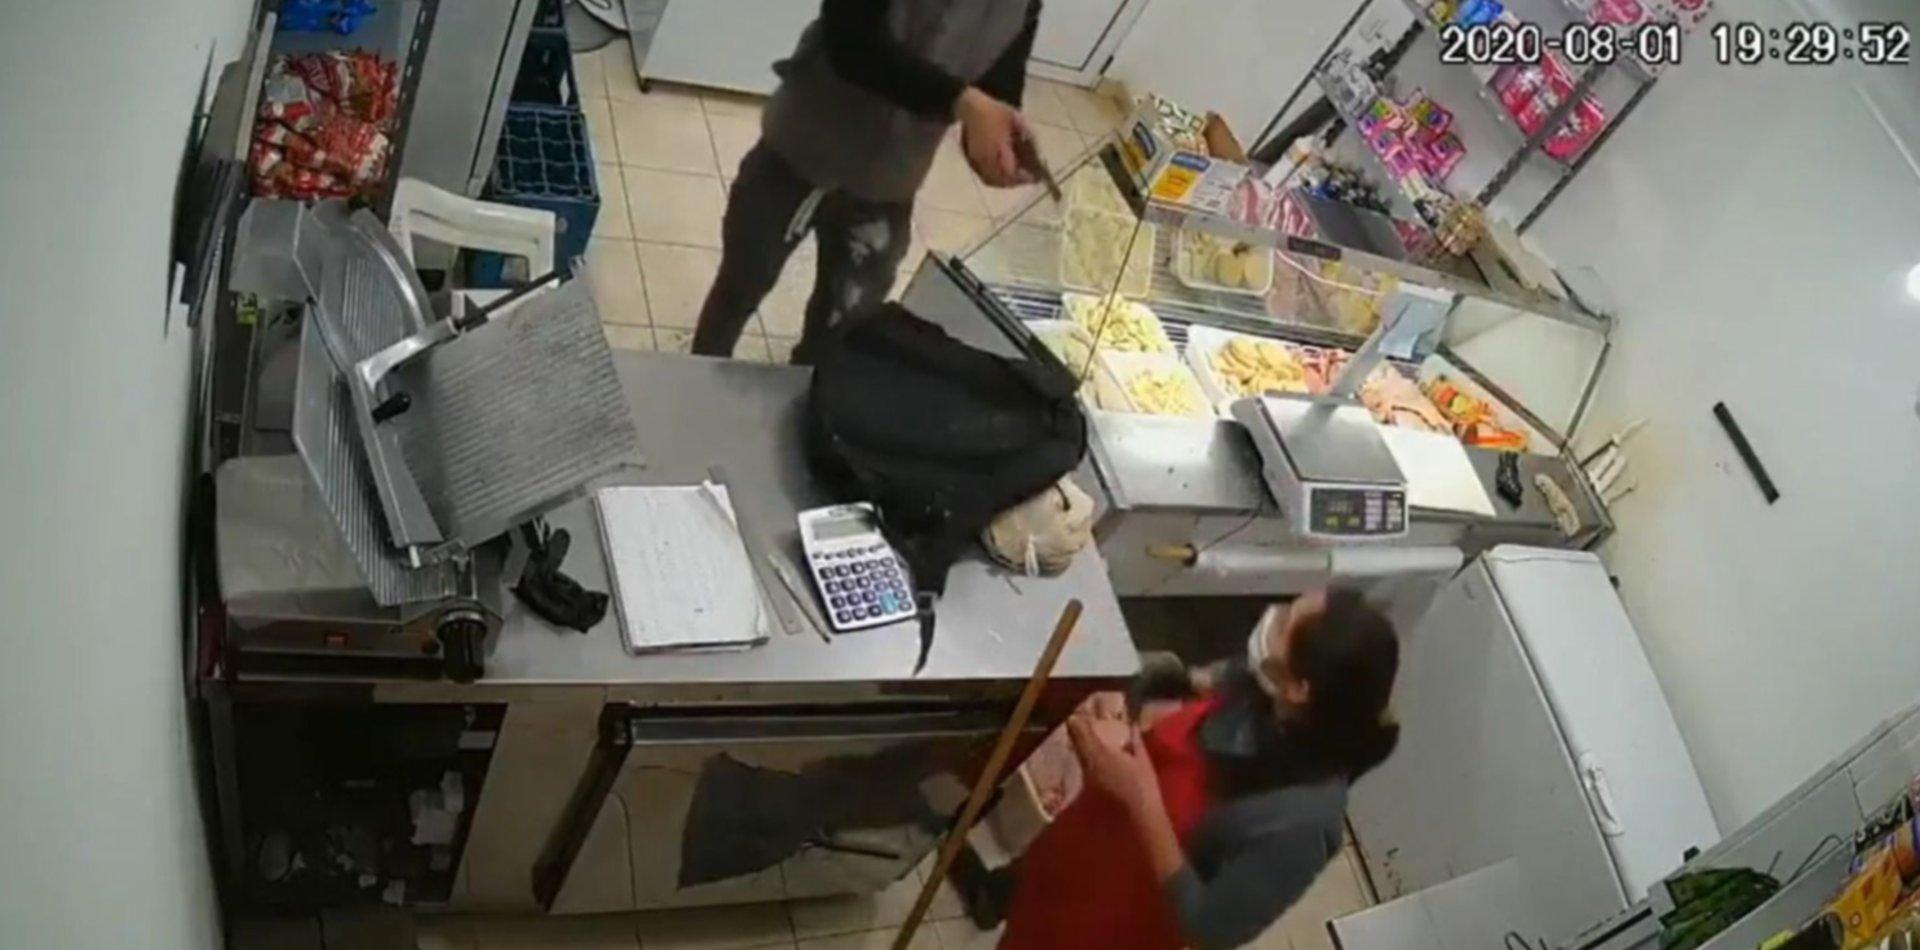 Violento robo en La Plata: le apuntó a la cara con un arma y escapó con la recaudación